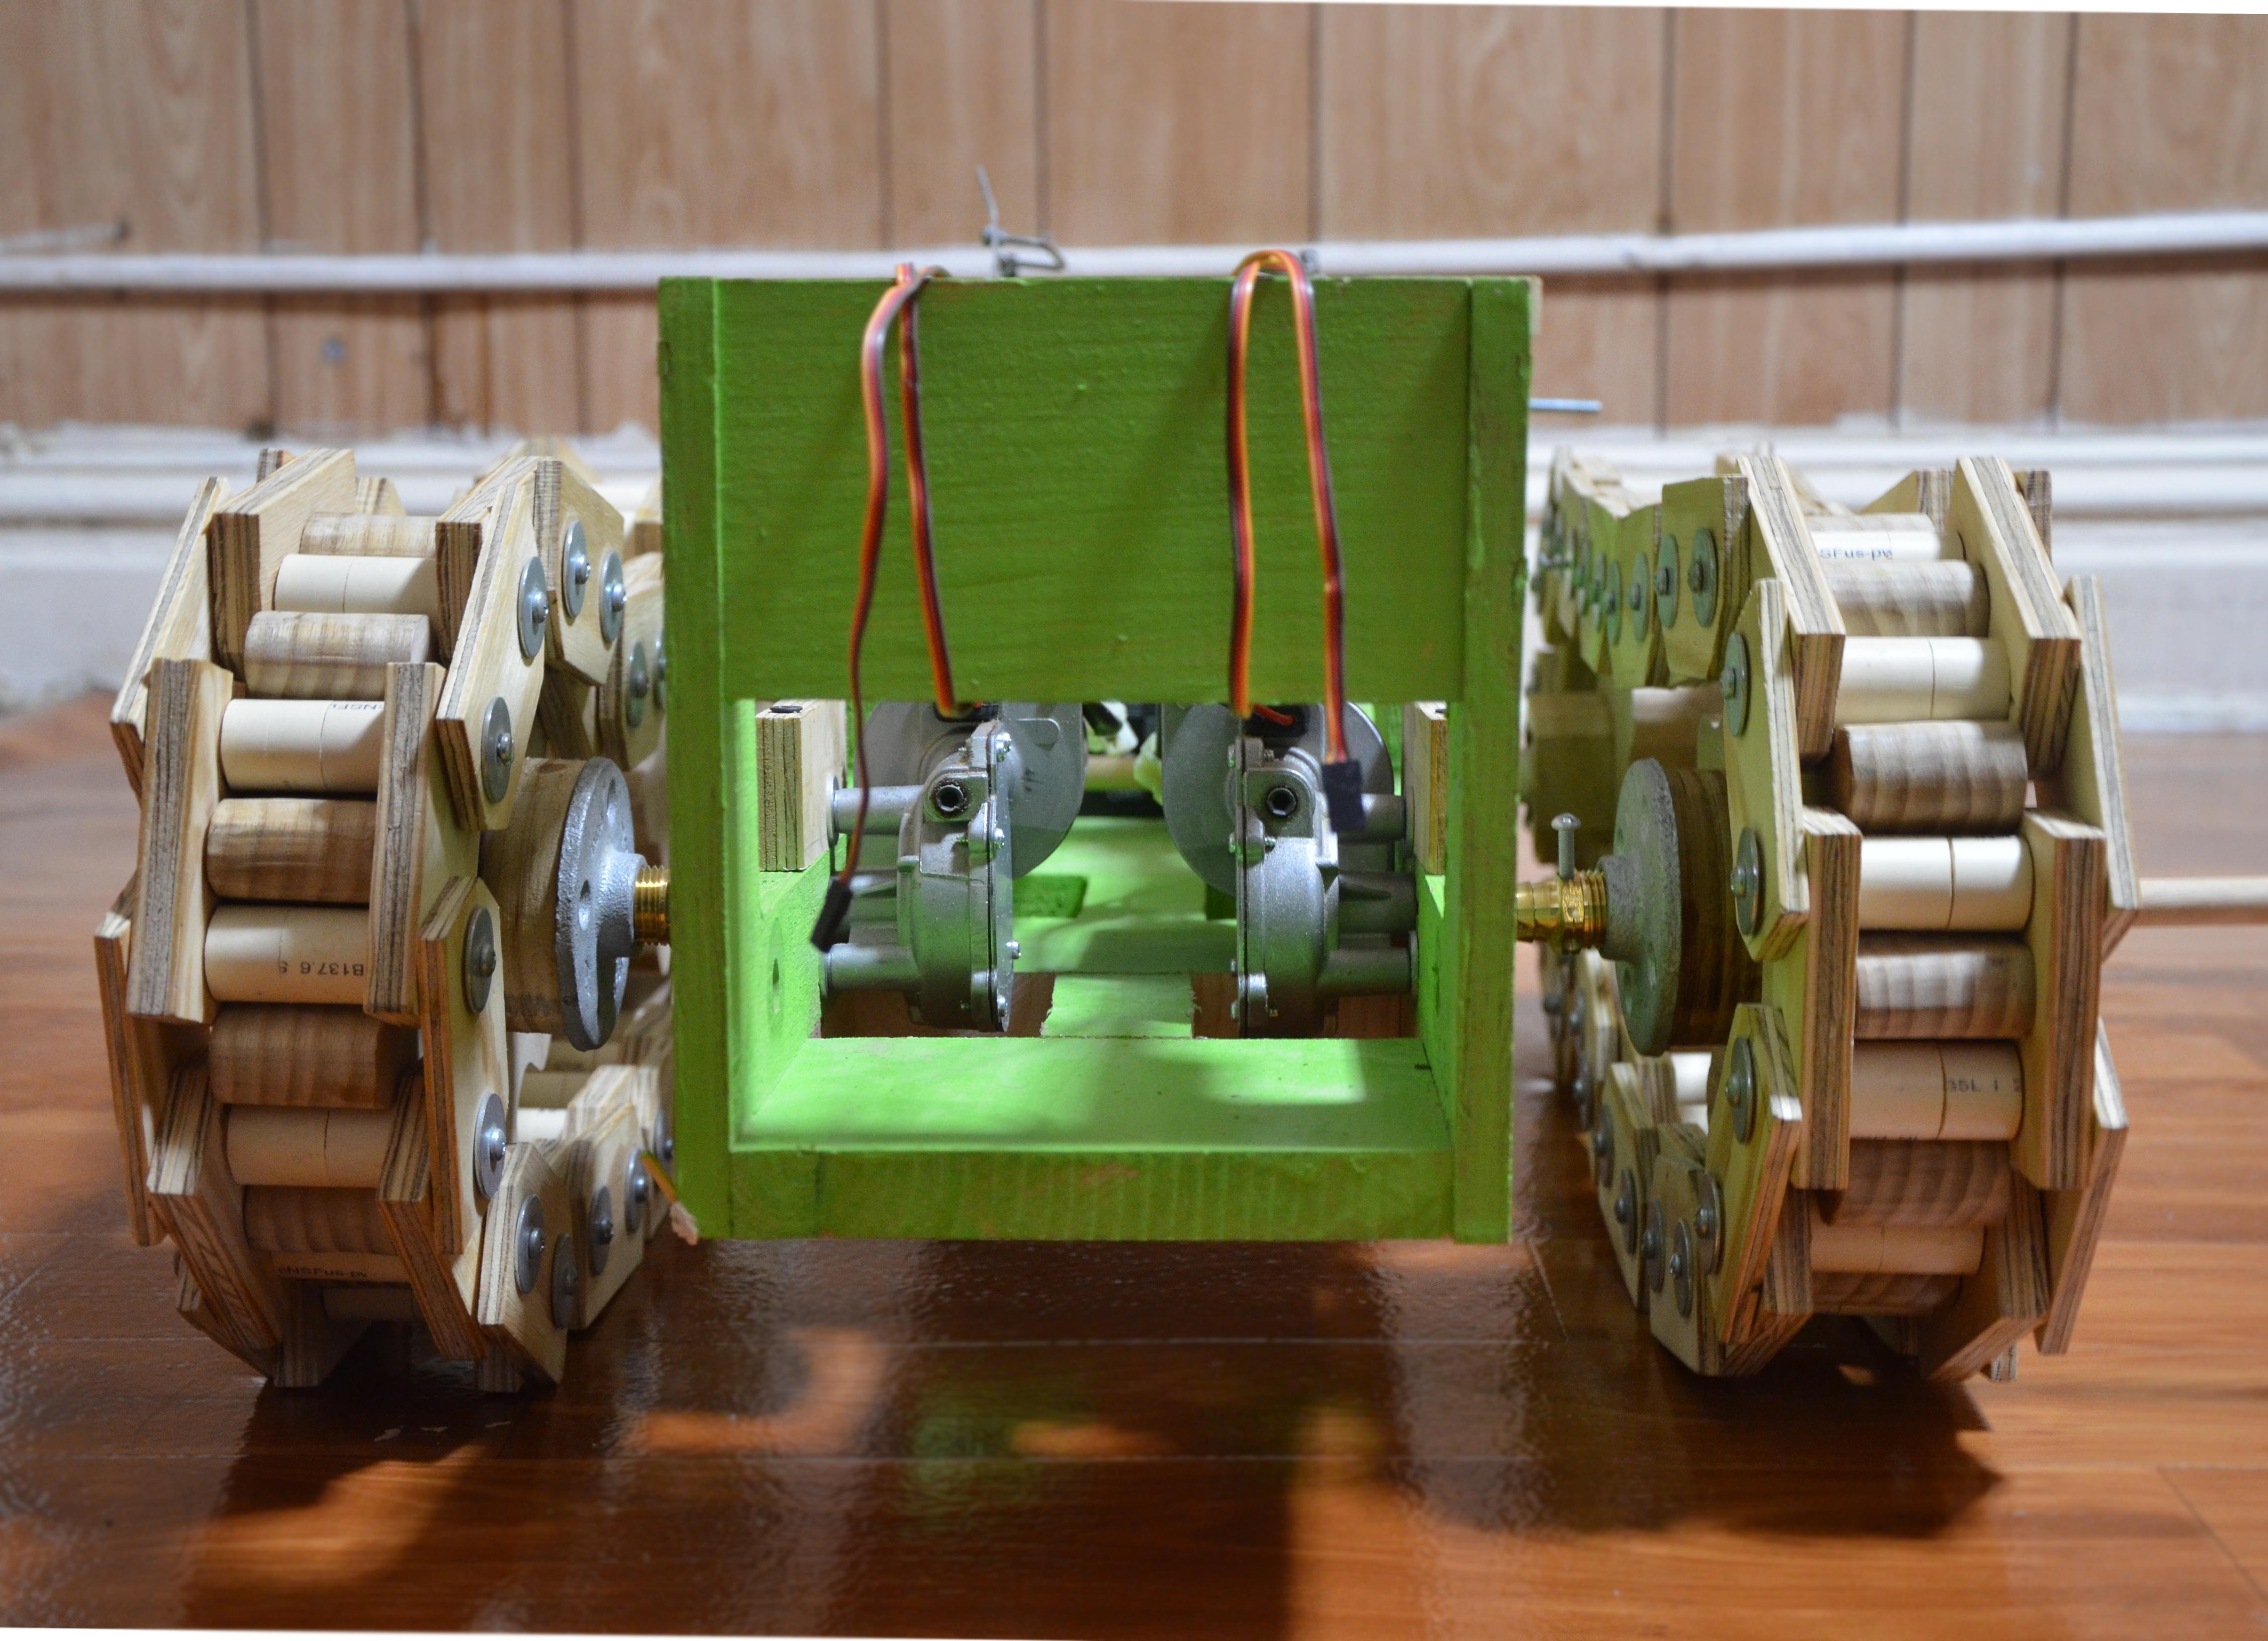 My Robot Tank